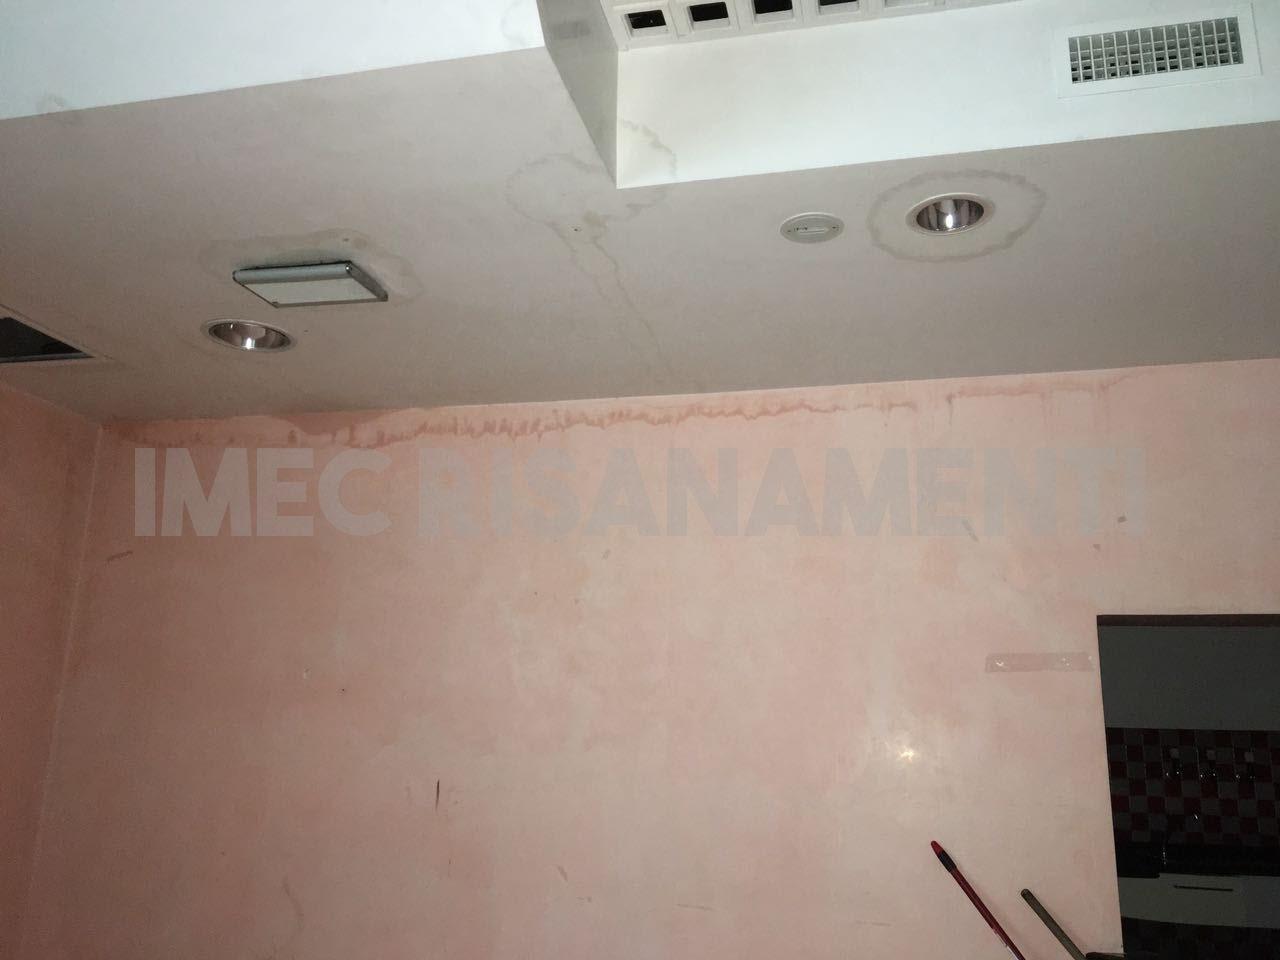 Infiltrazione di acqua sul soffitto imec risanamenti - Cattivo odore bagno tubo di sfiato ...